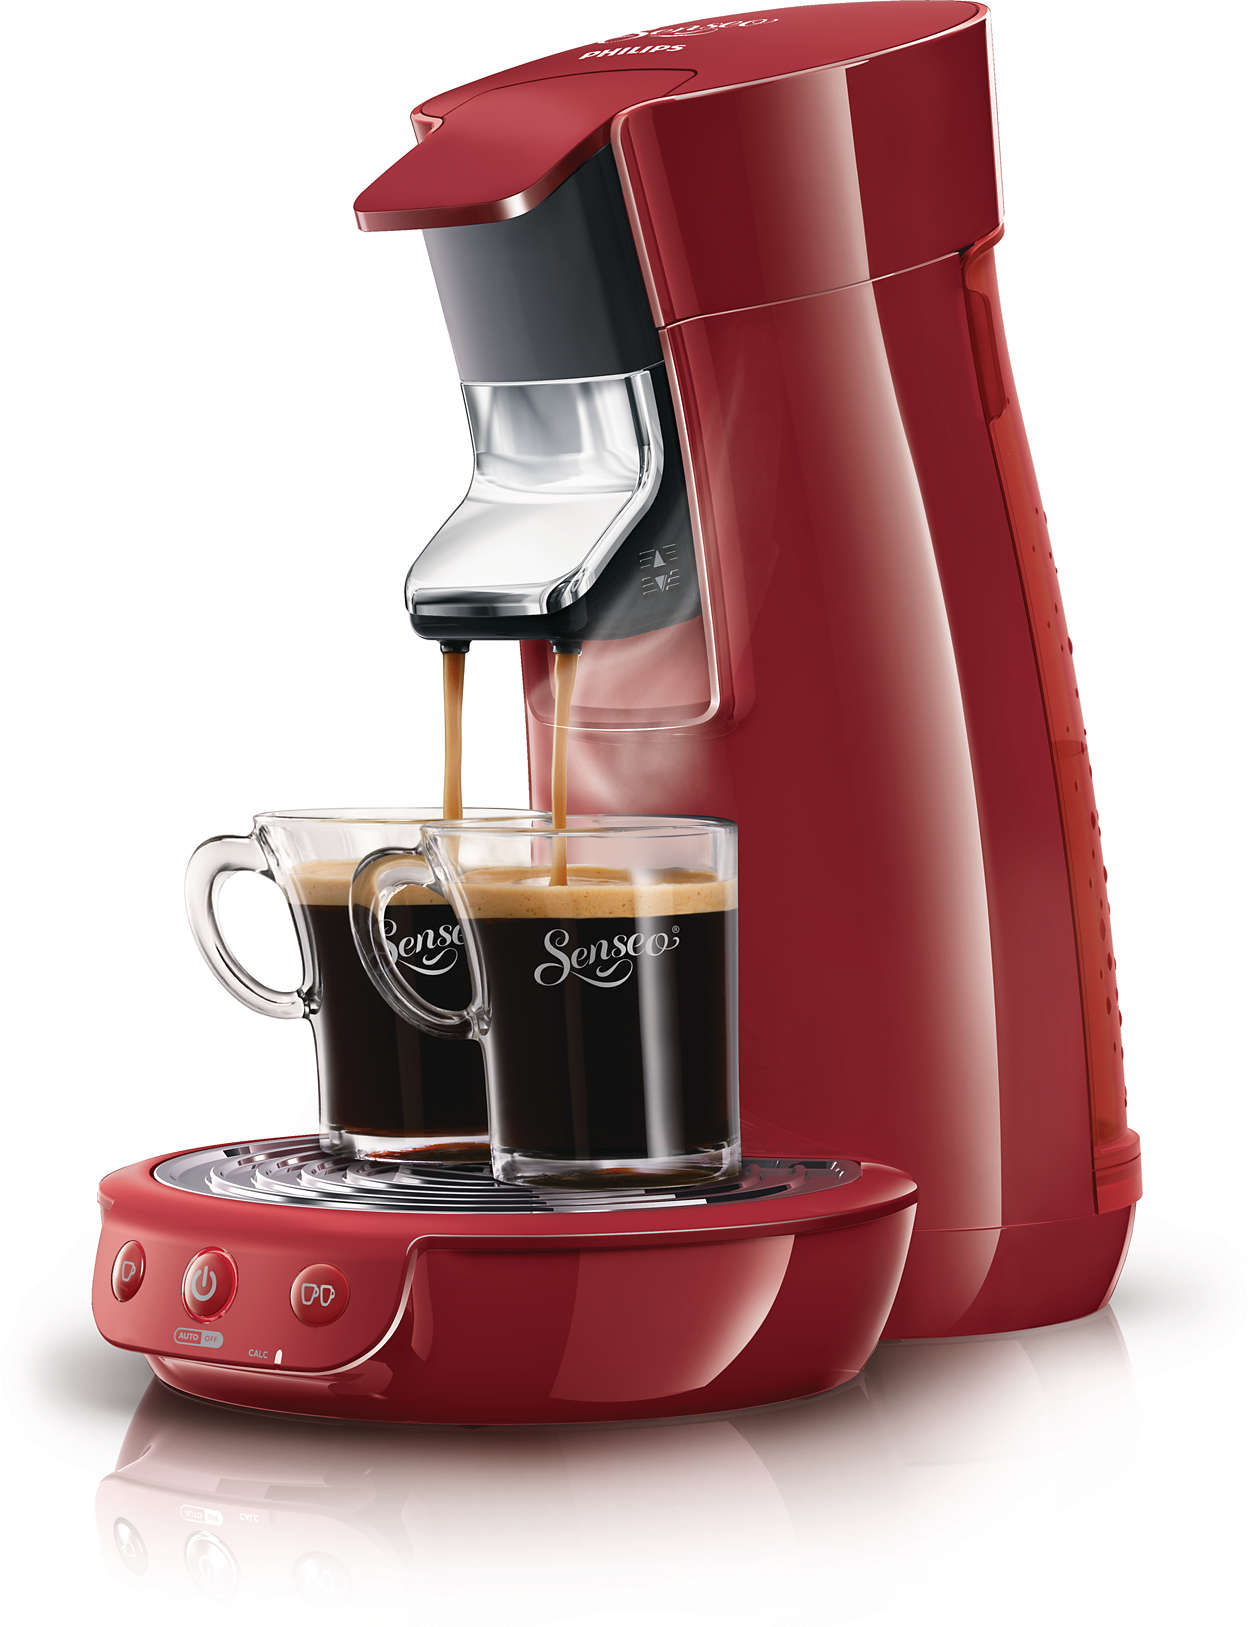 Teilen und genießen Sie besondere Kaffeemomente